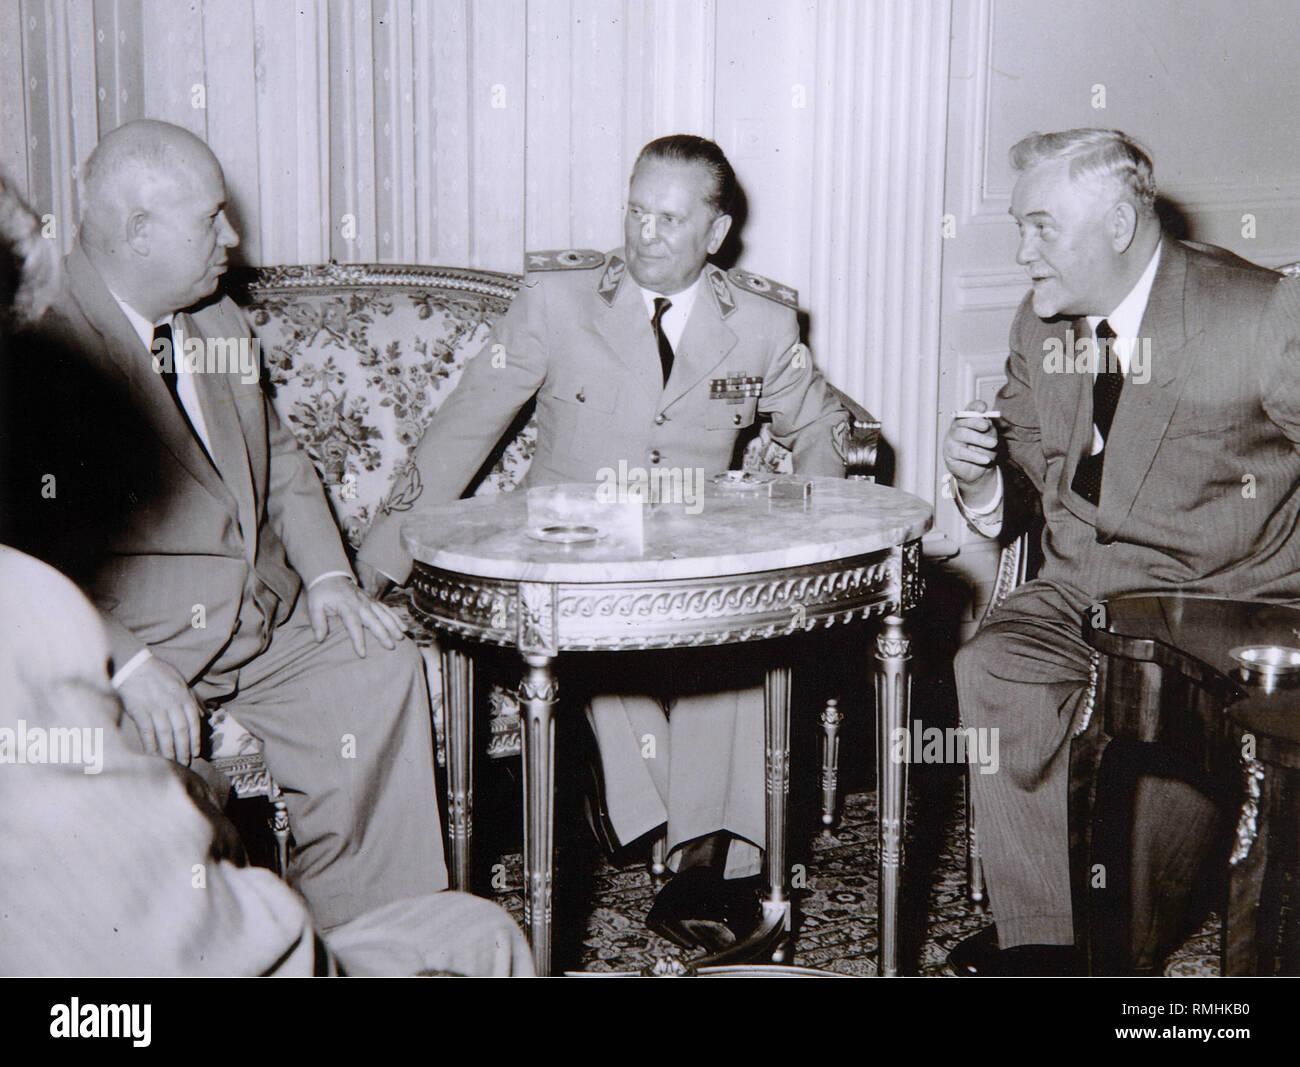 Josip Broz Tito, Nikita Khrushchev and Nikolai Bulganin. Photograph - Stock Image